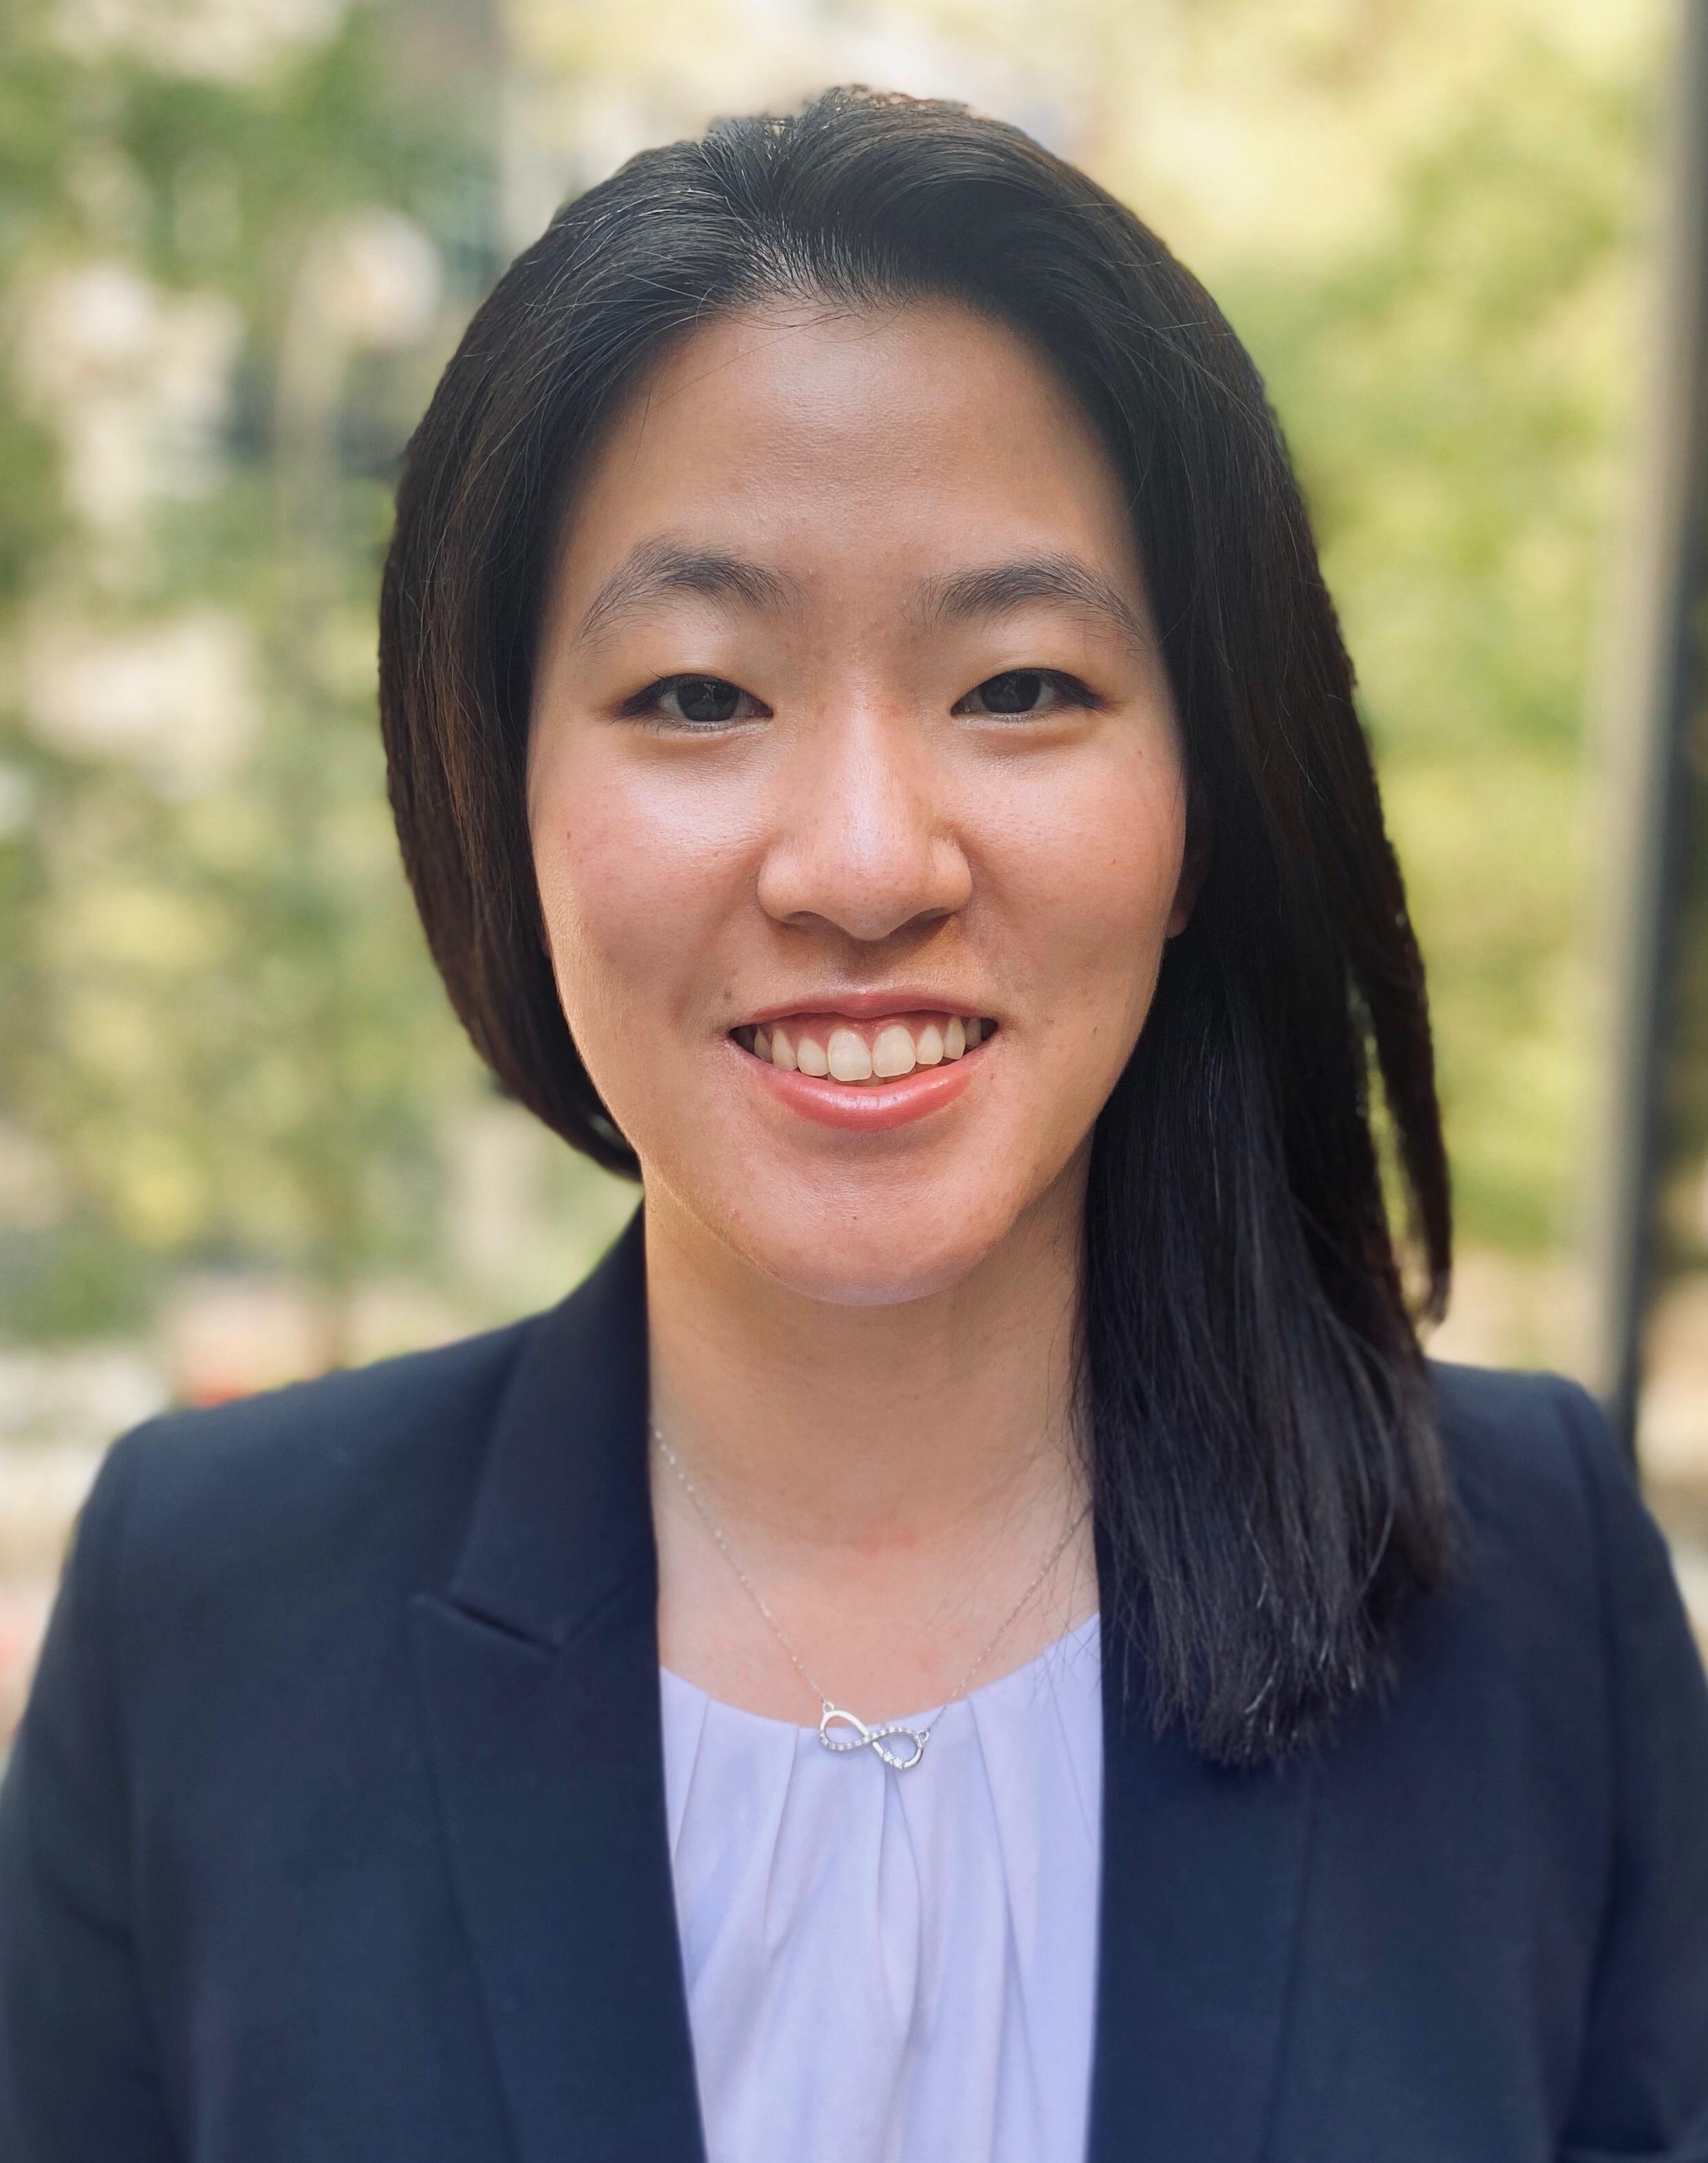 Justine Ko, doktor